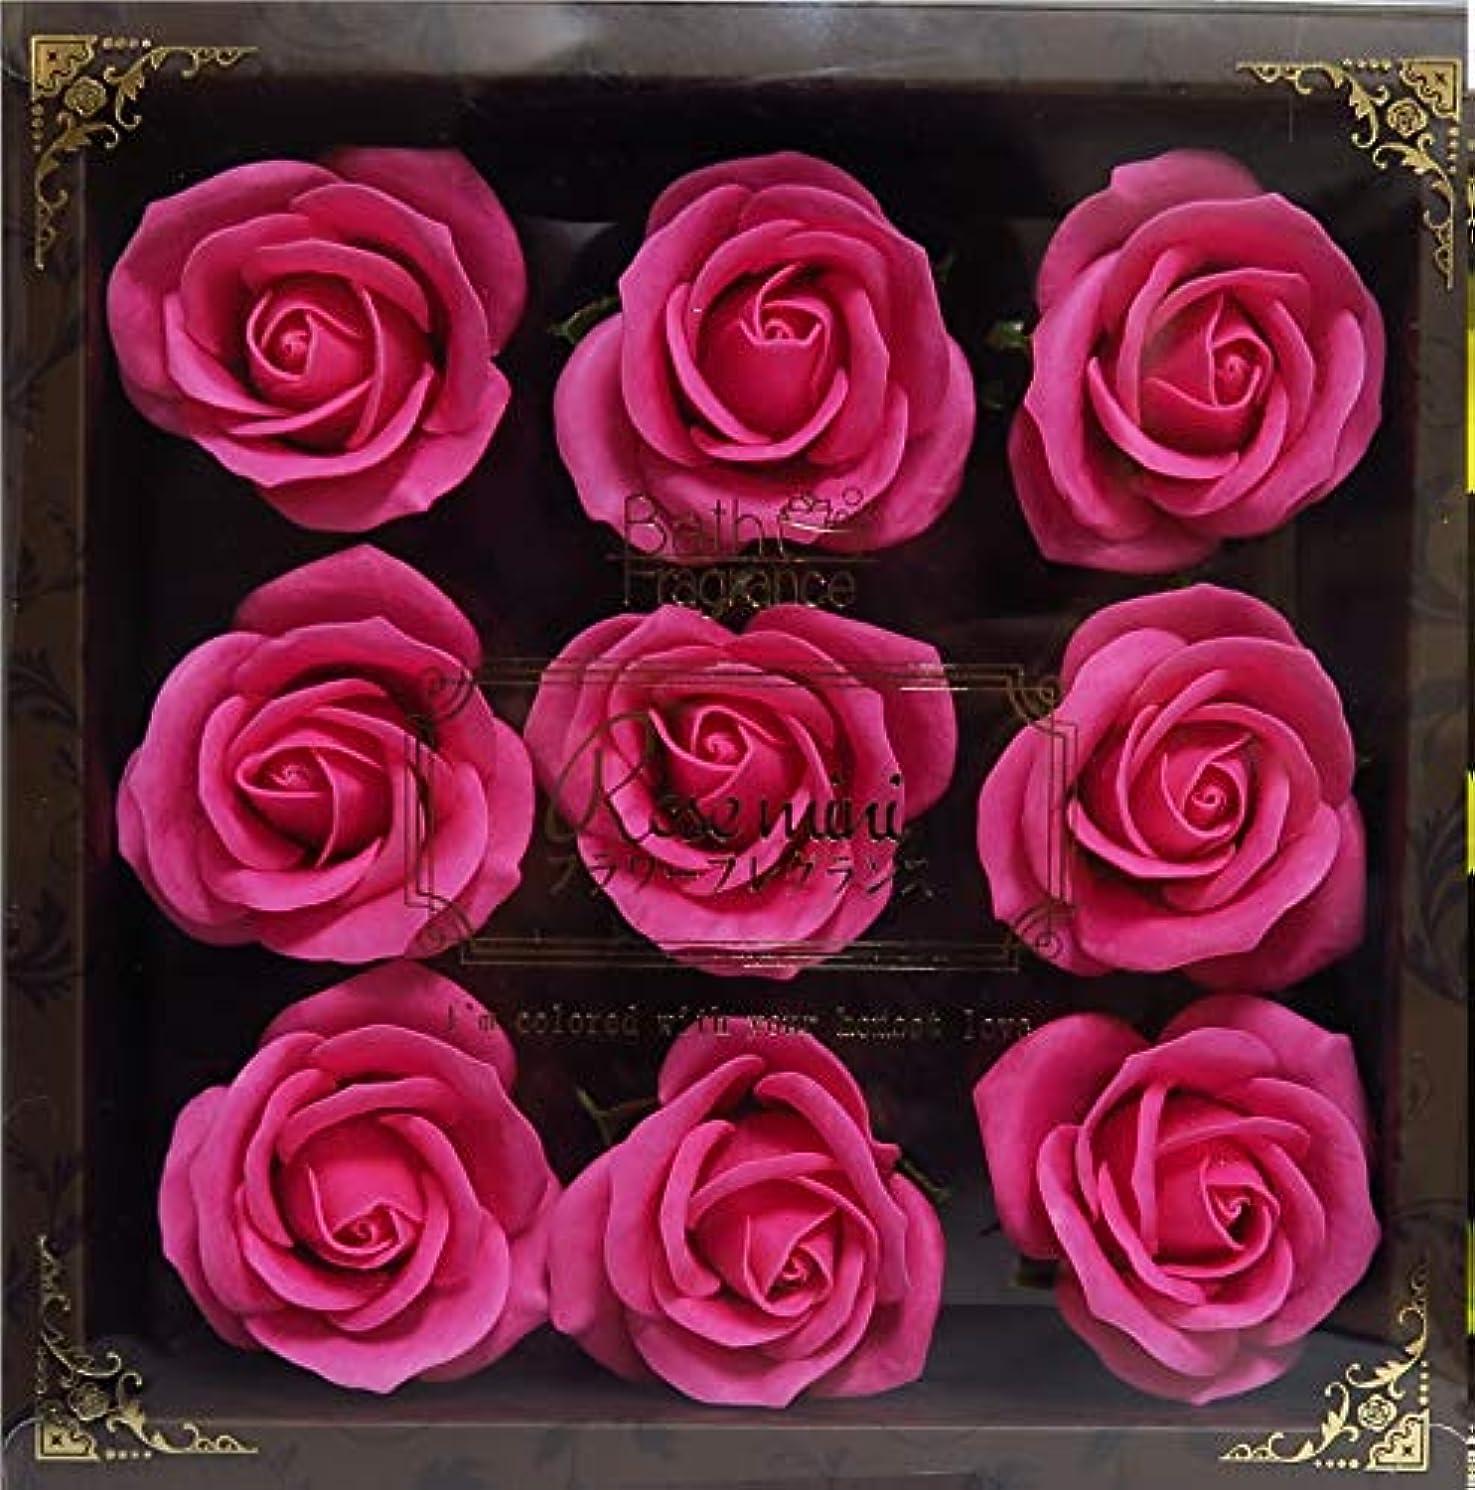 戦争通信網ダイバーバスフレグランス バスフラワー ミニローズフレグランス(L)ローズピンク お花の形の入浴剤